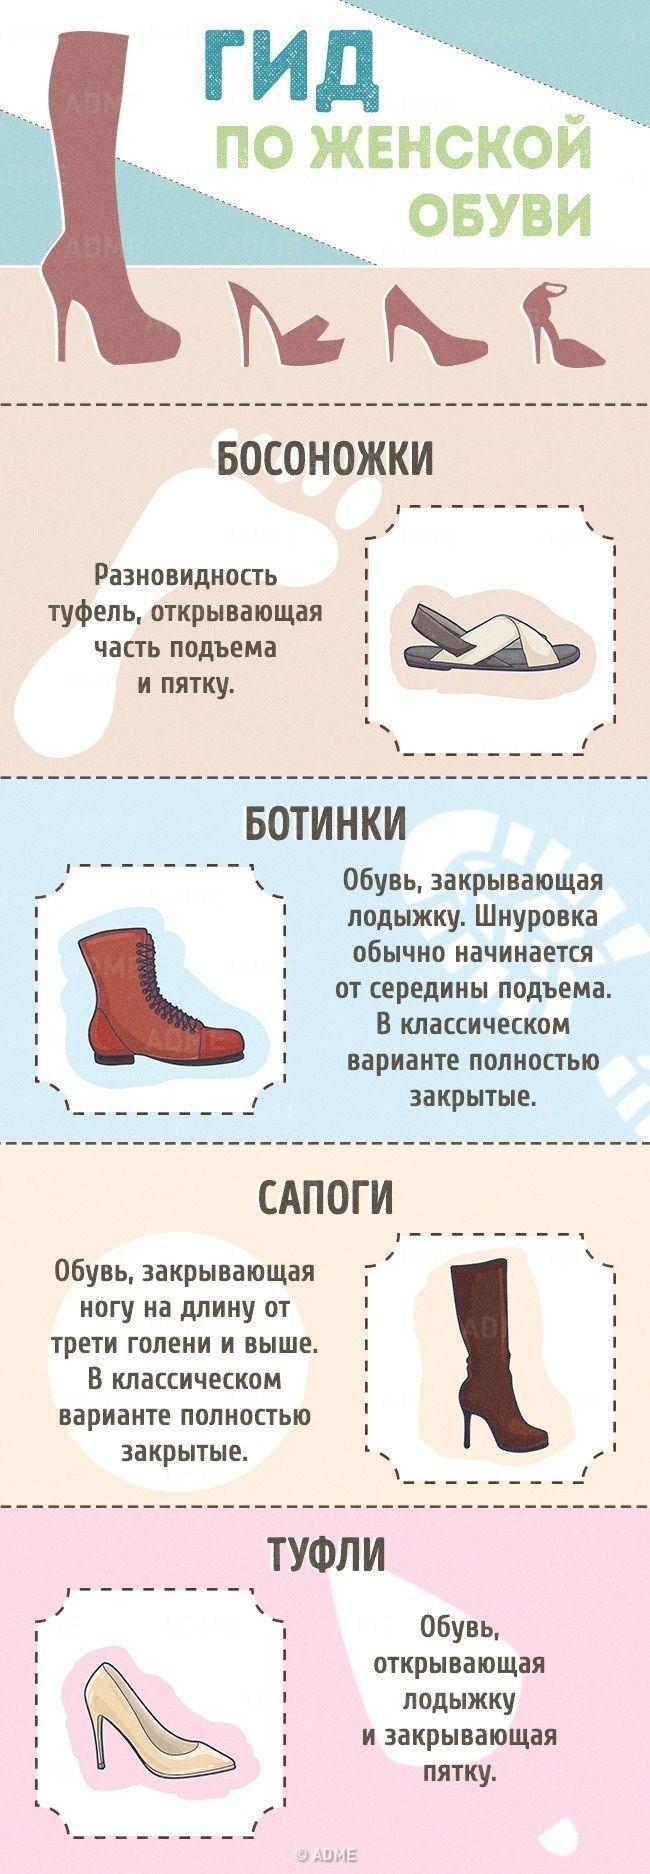 Гид поженской обуви  Туфли, босоножки, сапоги, ботинки... Порой очень сложно незапутаться вовсем разнообразии обуви, которую носят женщины.  РедакцияAdMe.ruподготовила для своих читателей гид ссамой полной информацией обо всех типах женской обуви ирекомендациями поеесочетанию содеждой разных стилей.